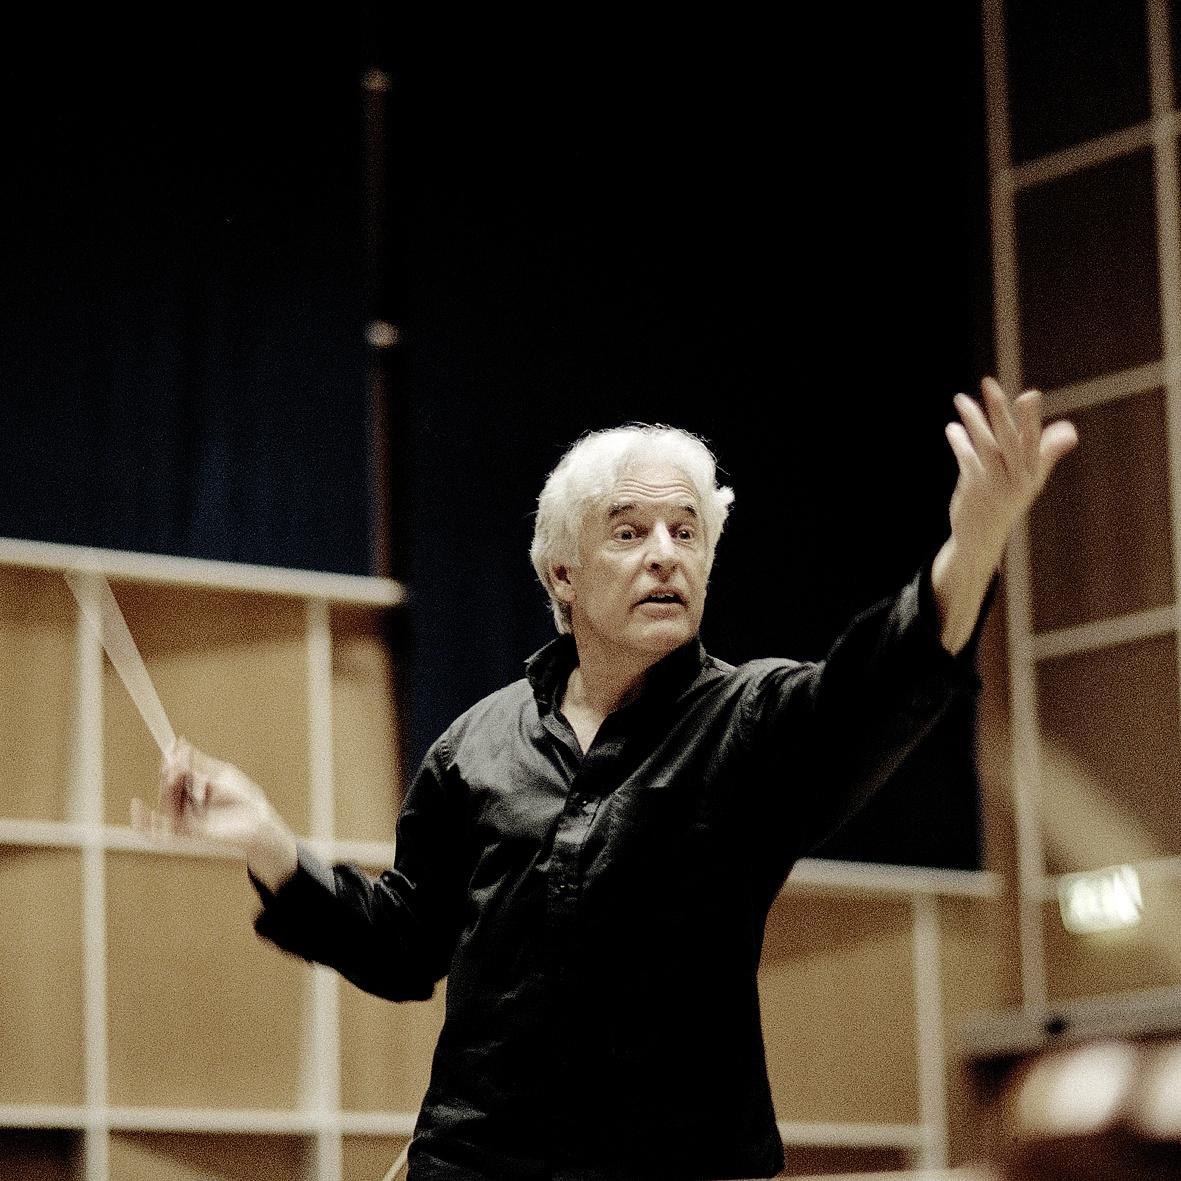 Gilbert Varga lesz Bogányi Tibor mellett a Pannon Filharmonikusok vezető karmestere